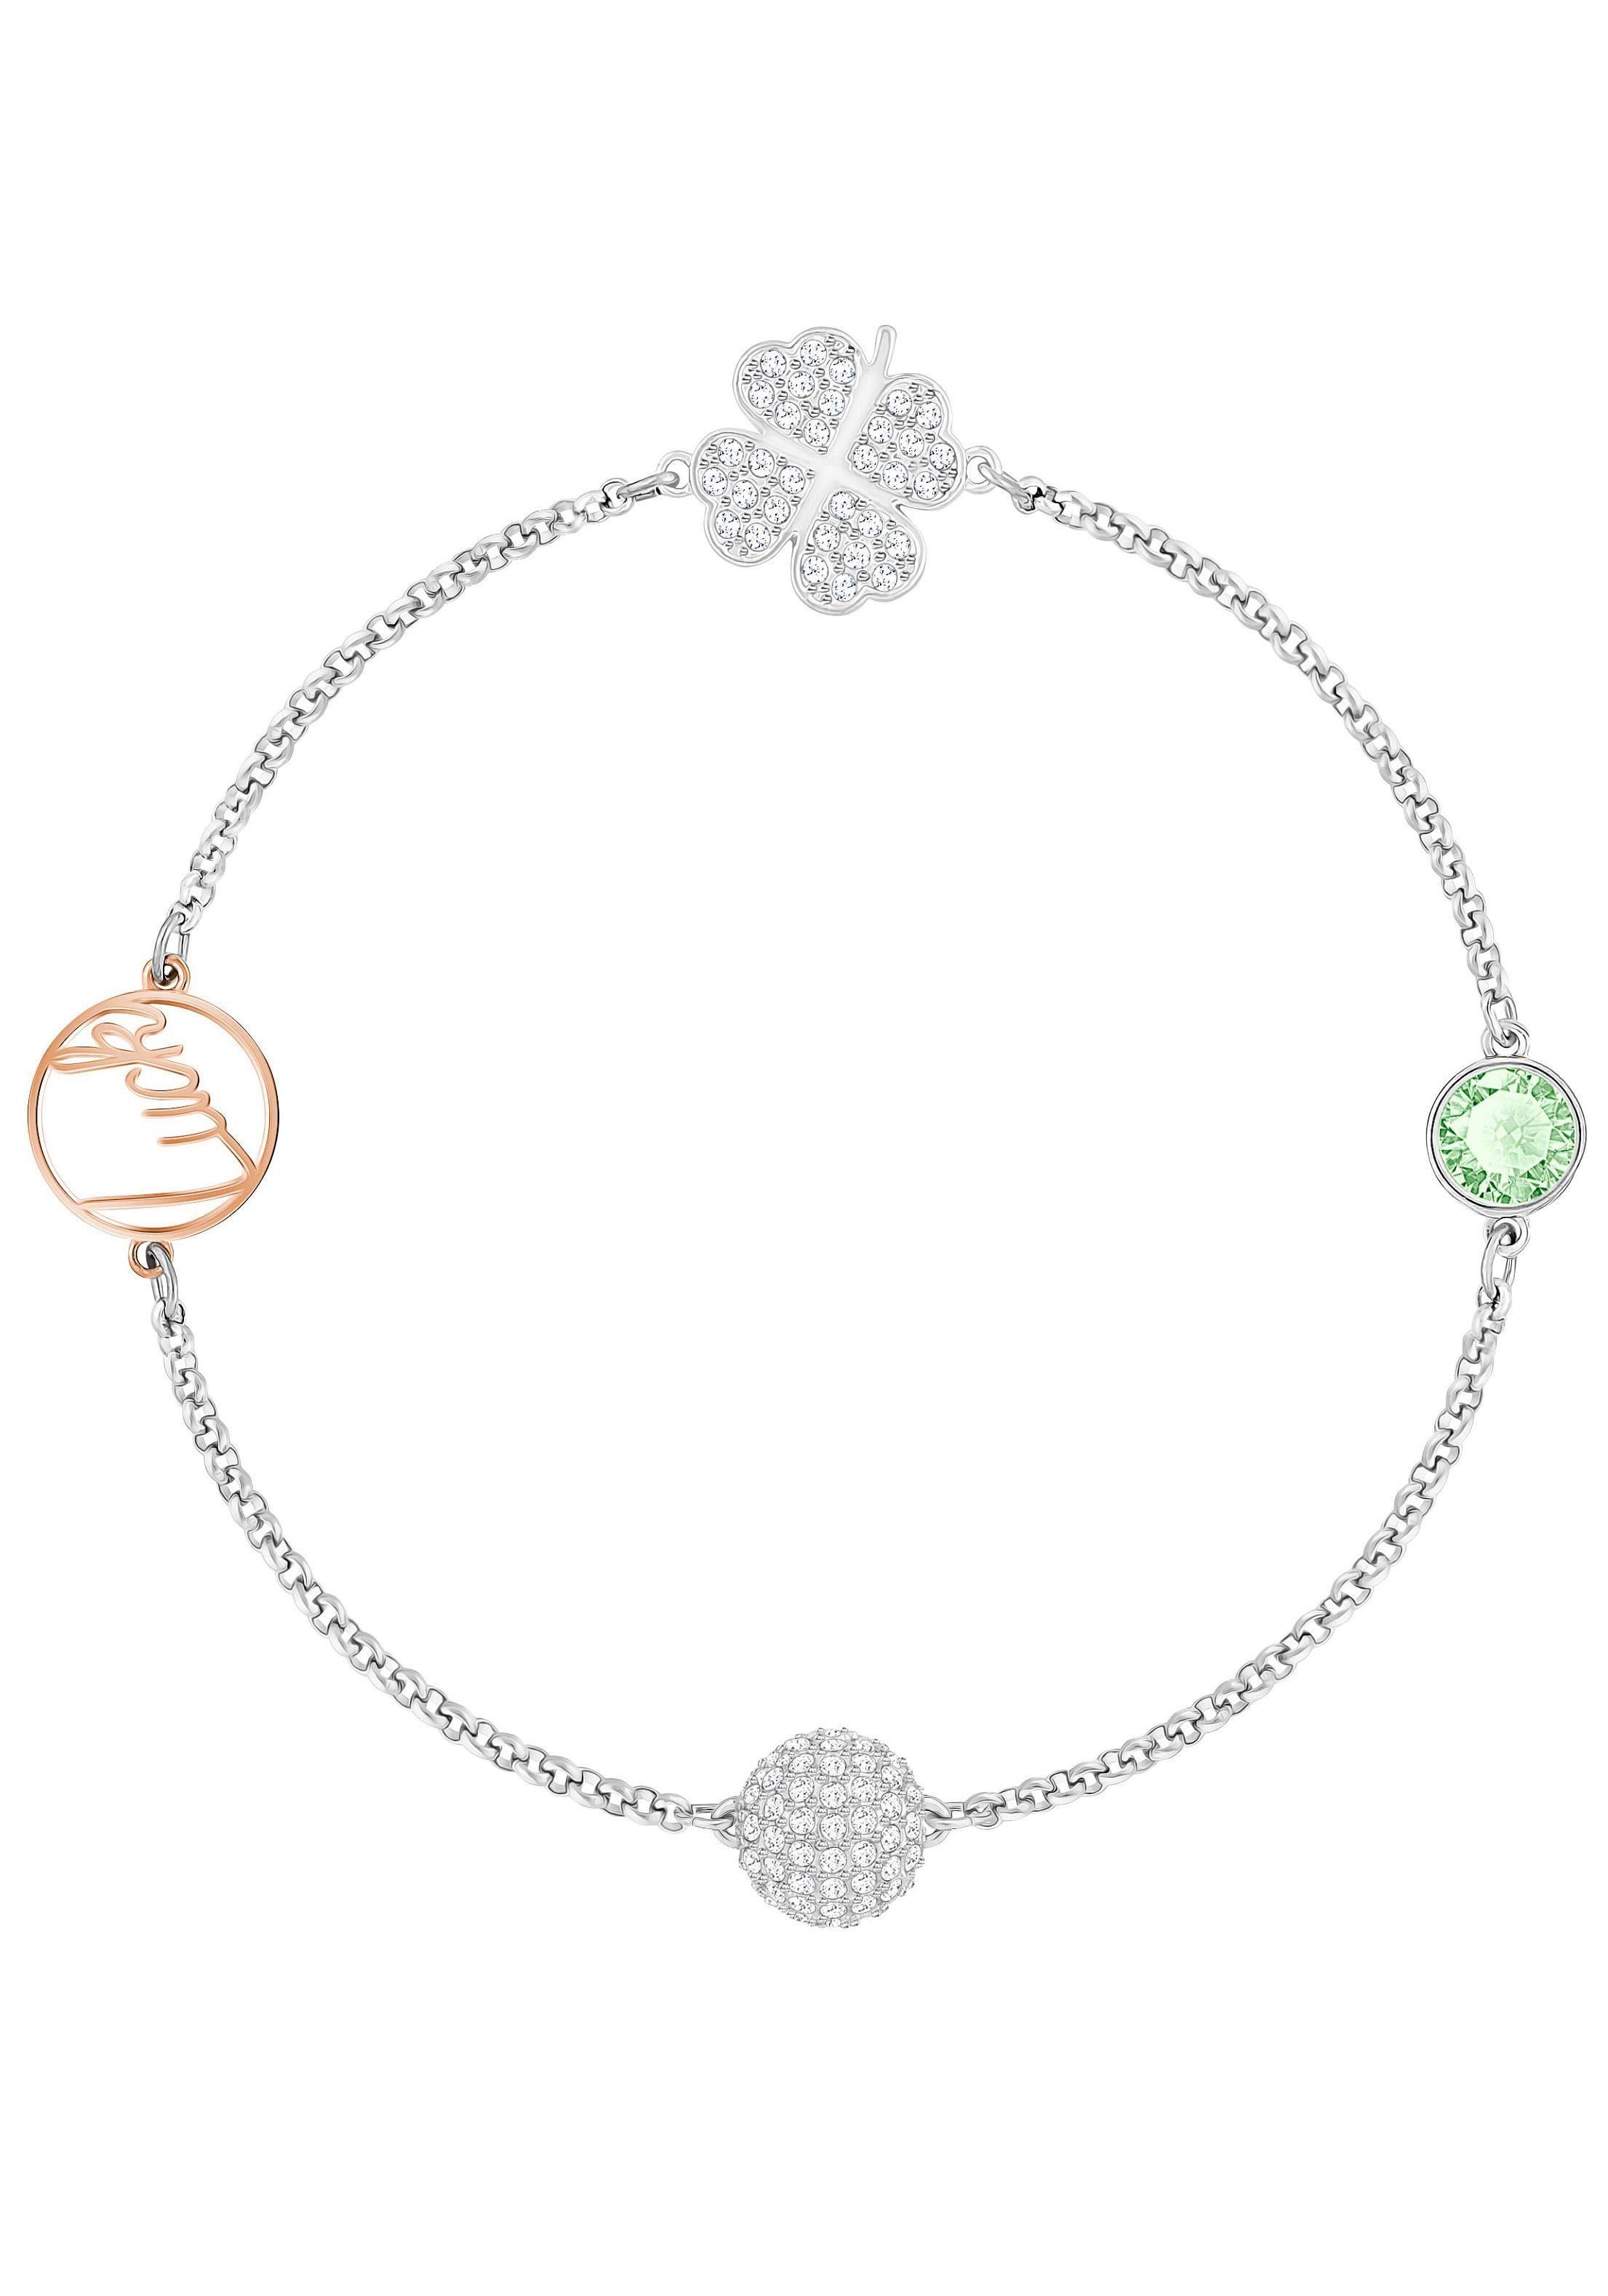 Swarovski Armband »Kleeblatt, Swarovski Remix Collection Clover, grün, metallmix, 5365755« mit Swarovski® Kristallen